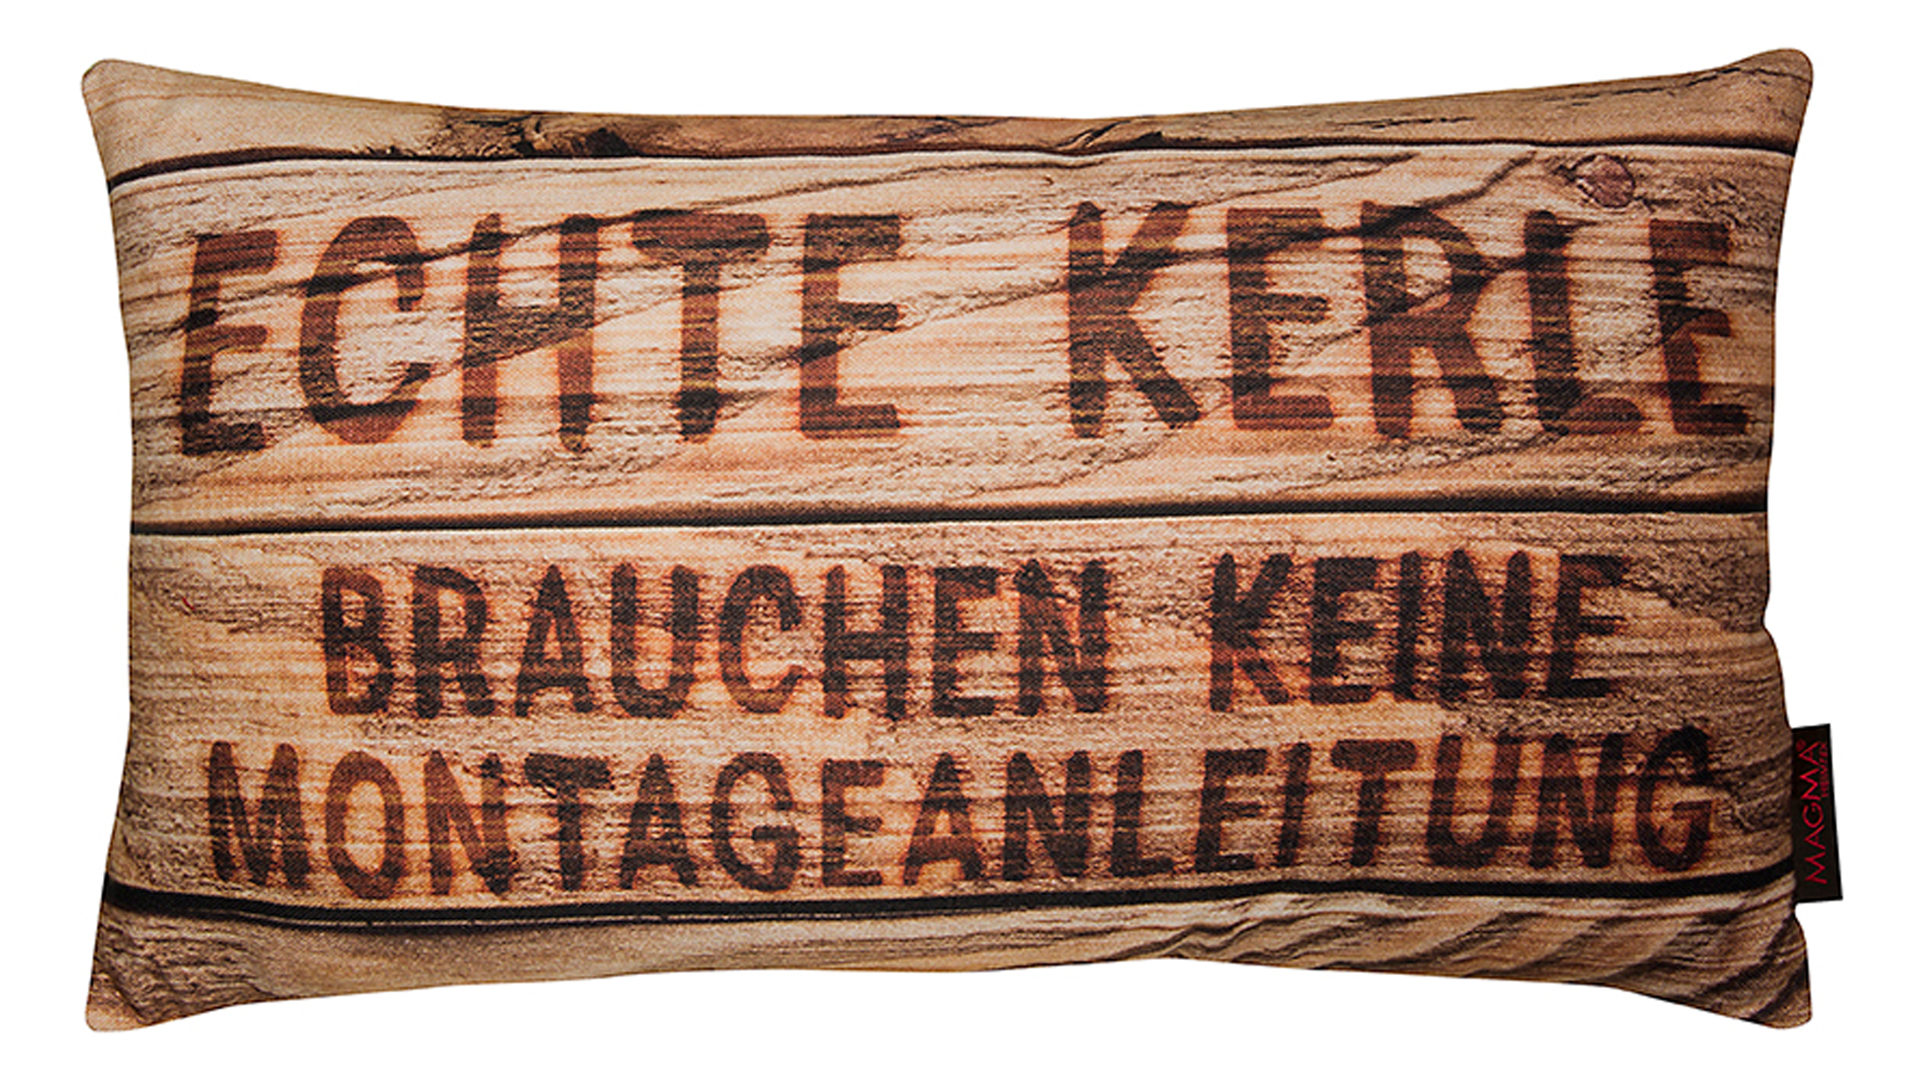 möbel bohn crailsheim, möbel a-z, textilien, kissen, kissen